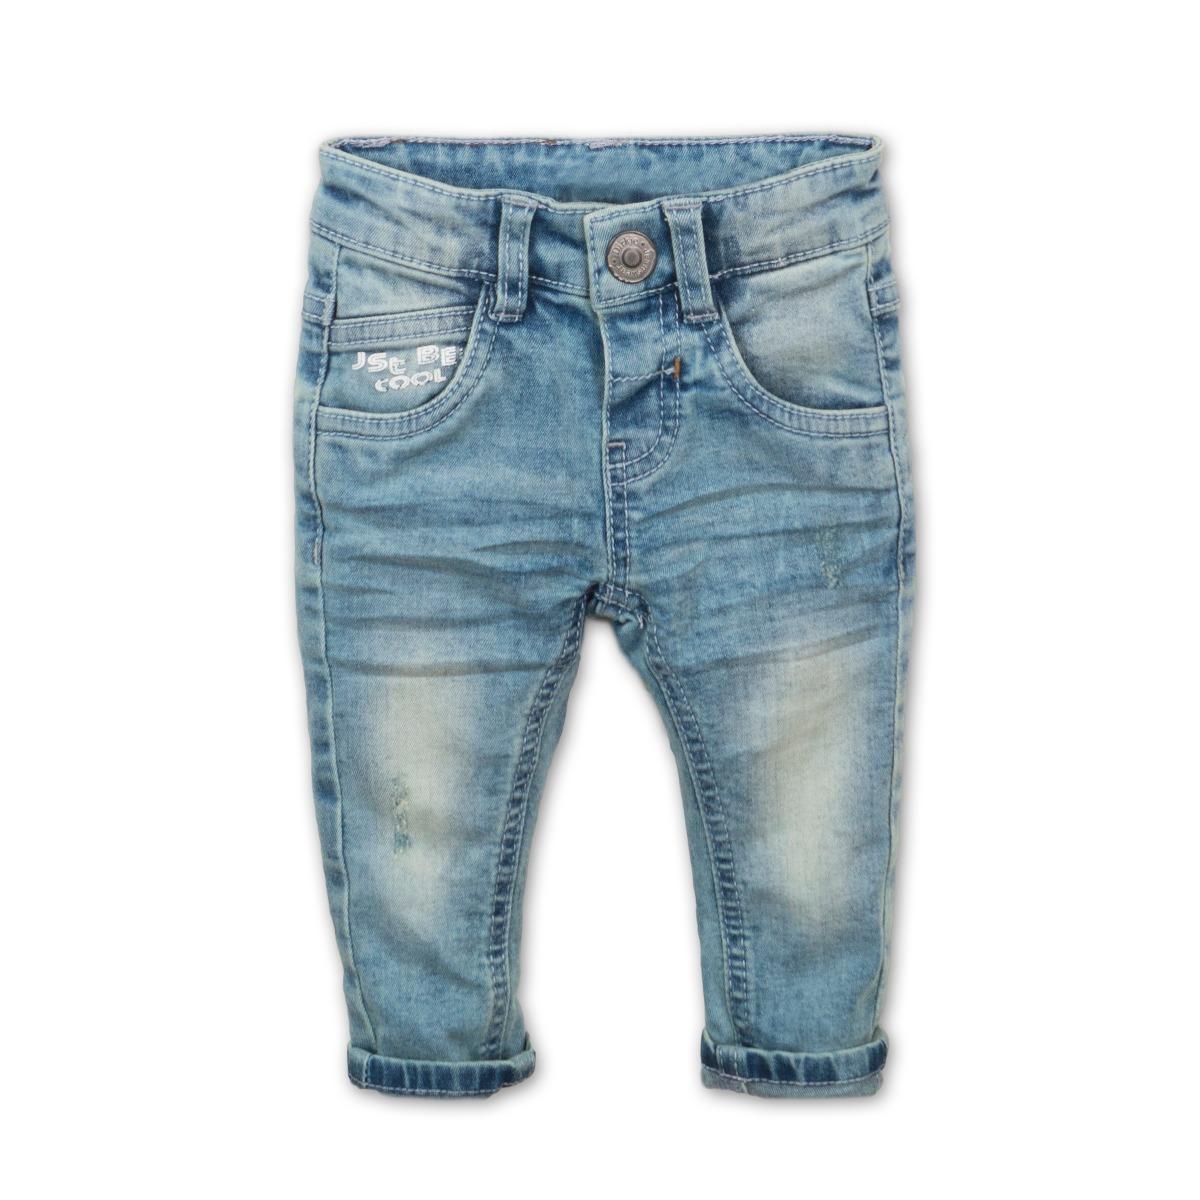 Pantaloni jeans denim elastic Just Be Cool Dirkje imagine 2021